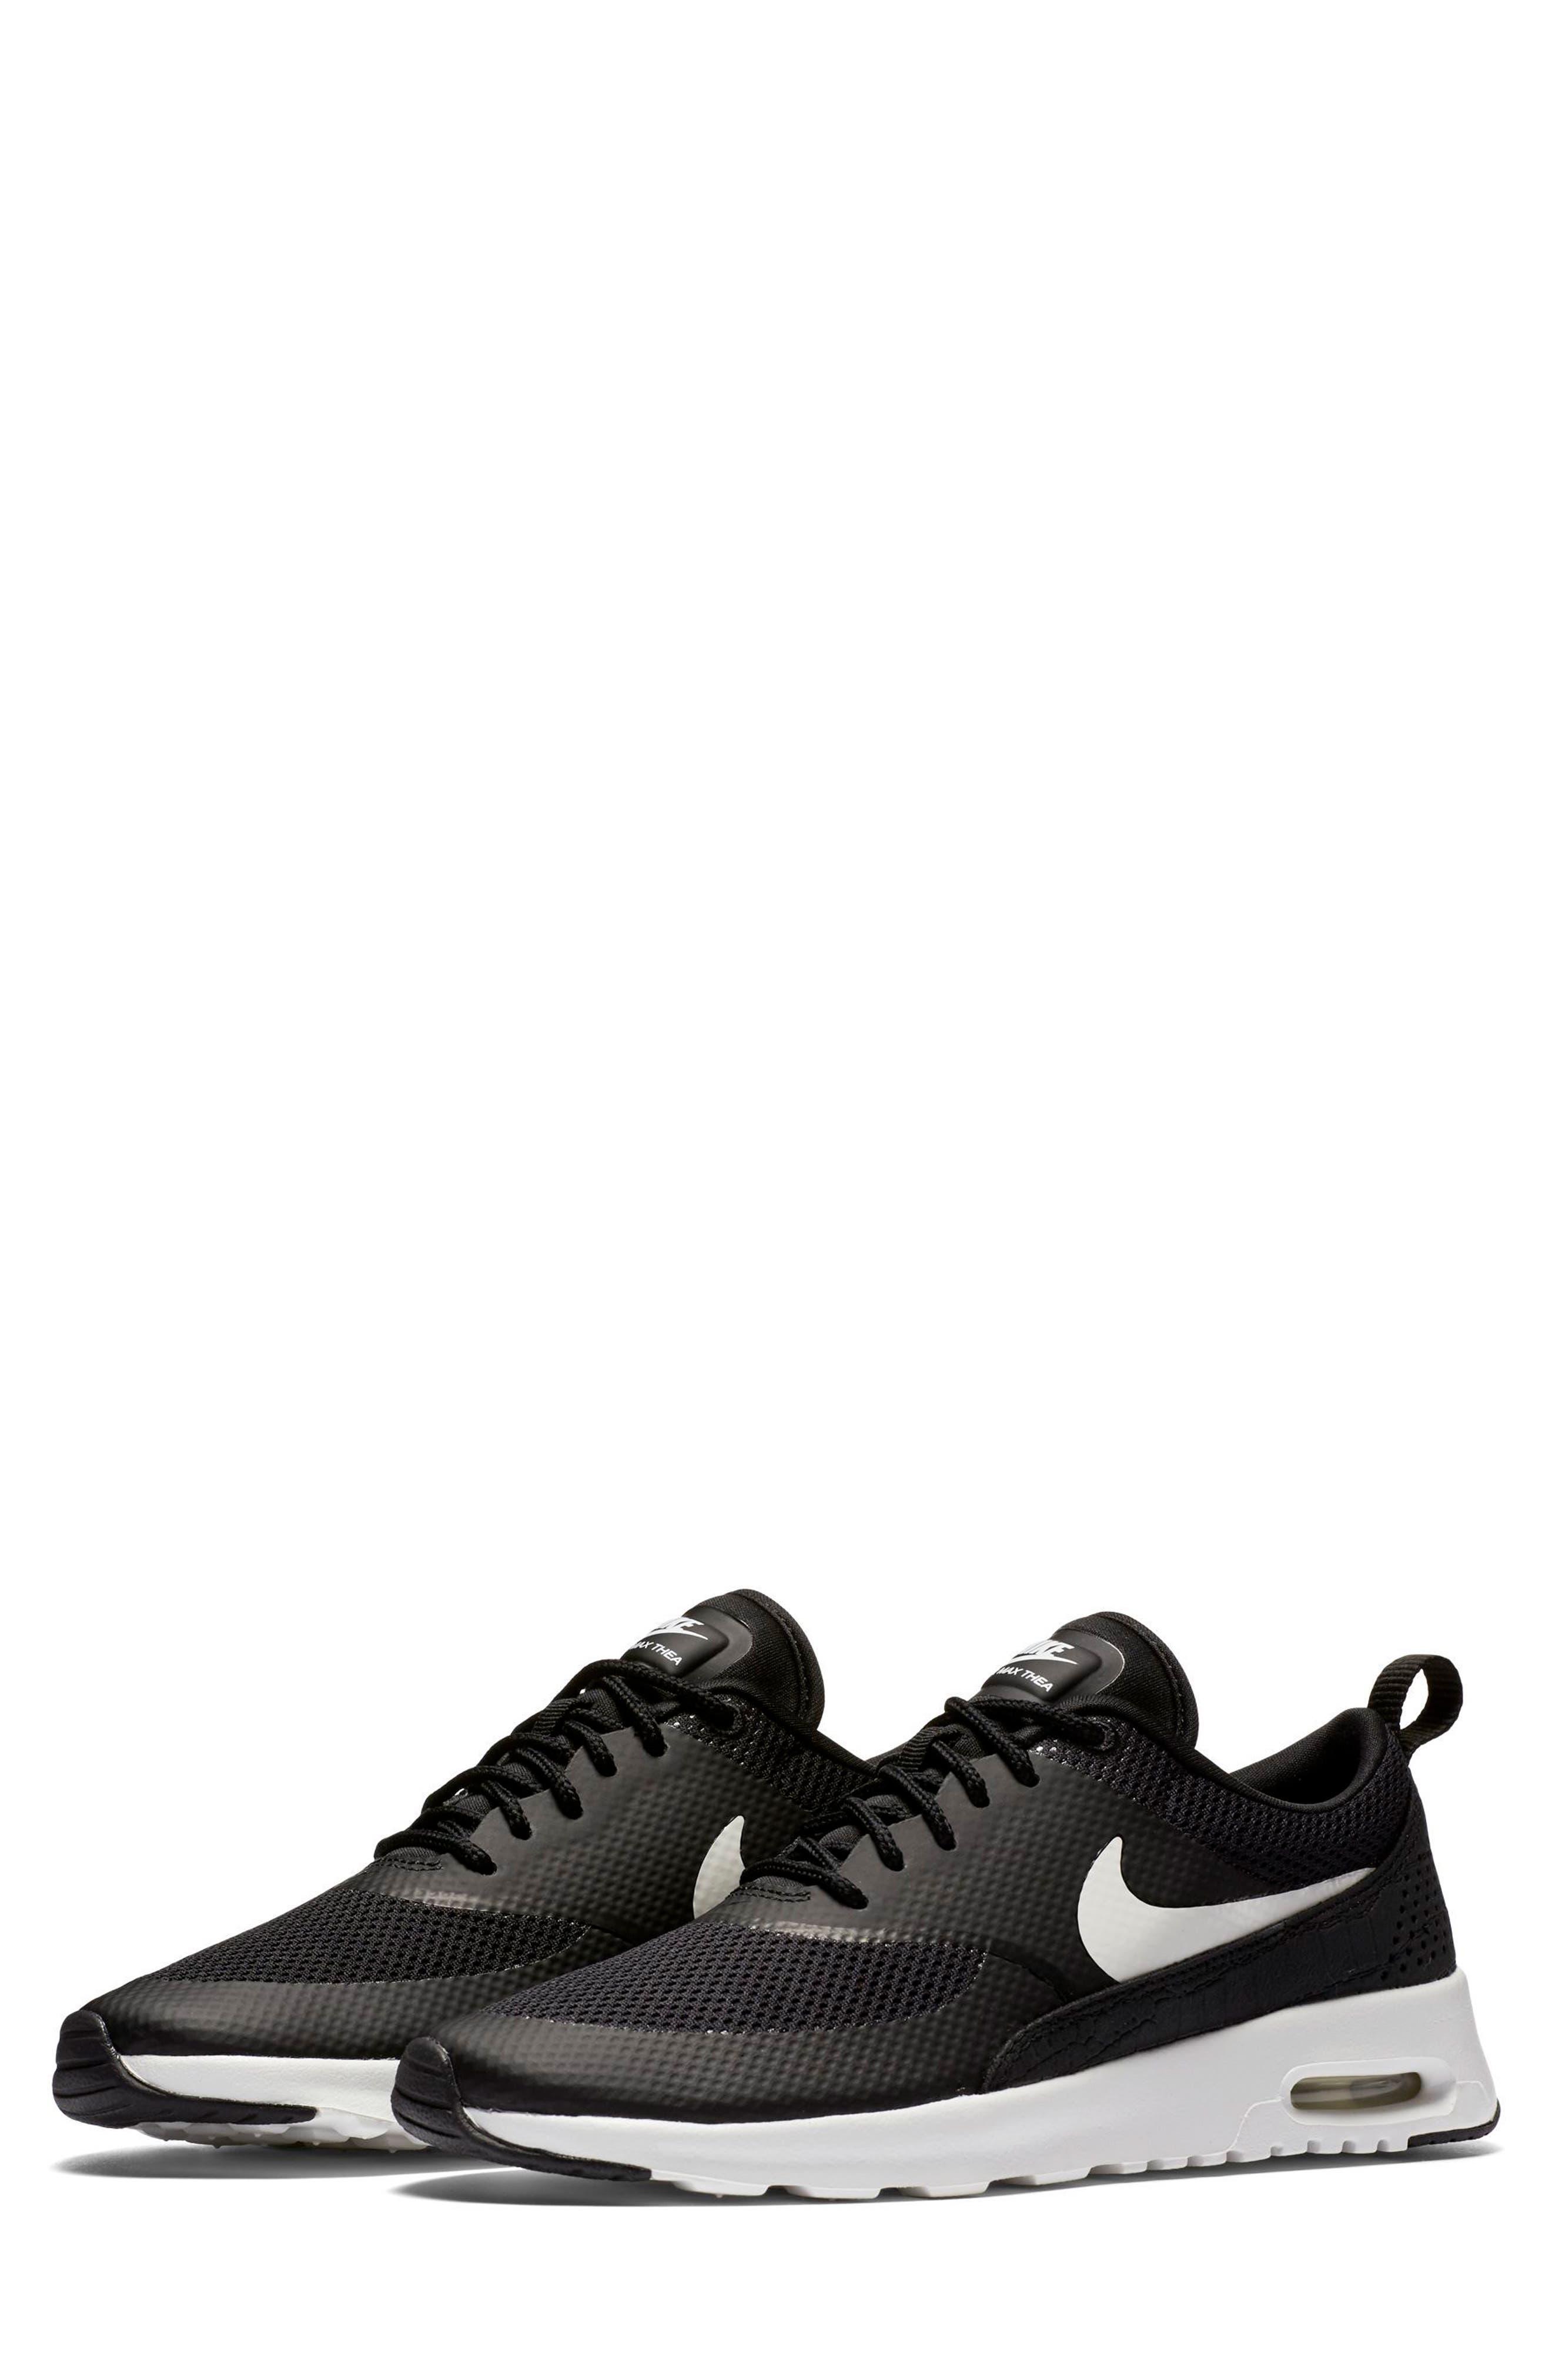 Air Max Thea Sneaker,                         Main,                         color, 020